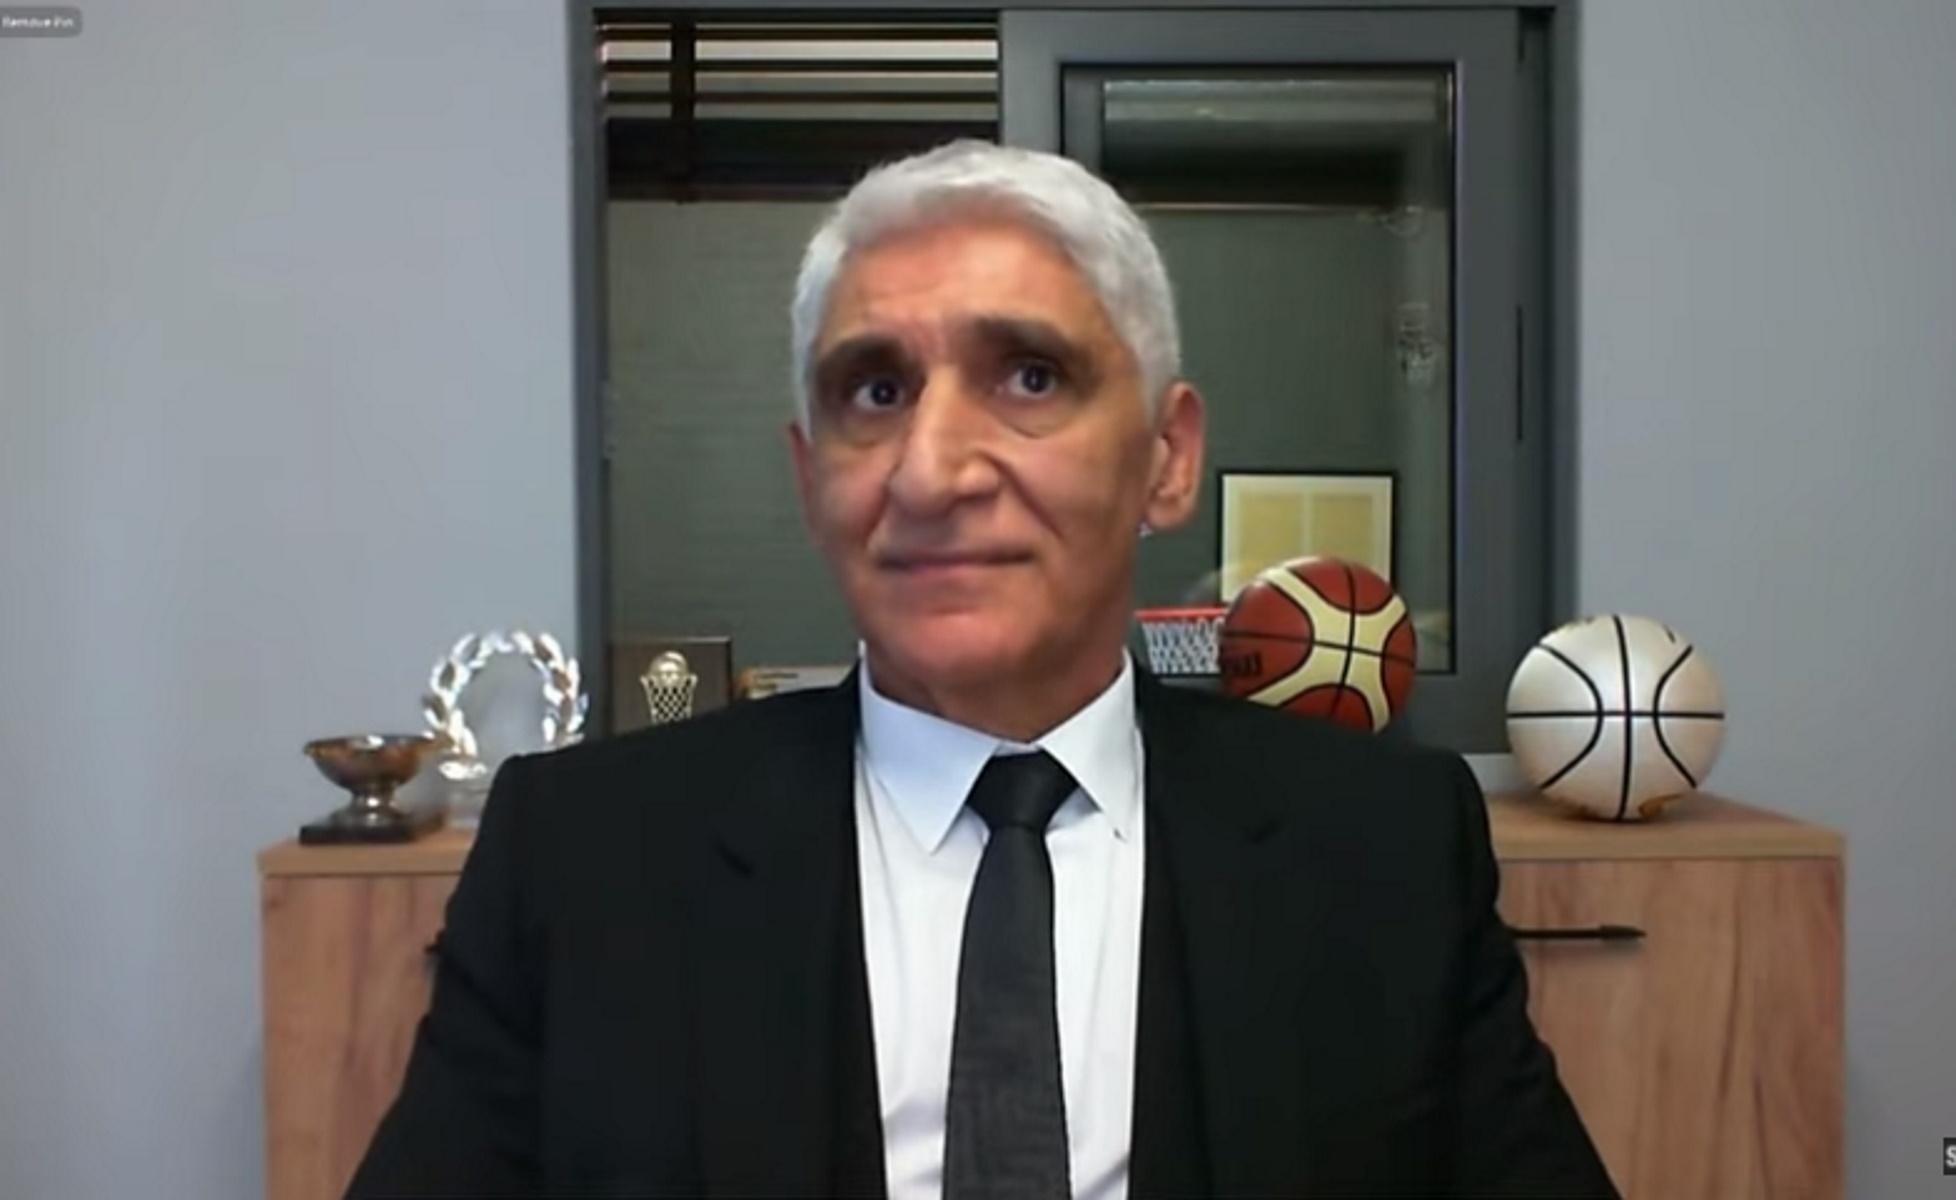 Παναγιώτης Γιαννάκης: Ο συγκινητικός λόγος του για την είσοδο στο Hall of Fame